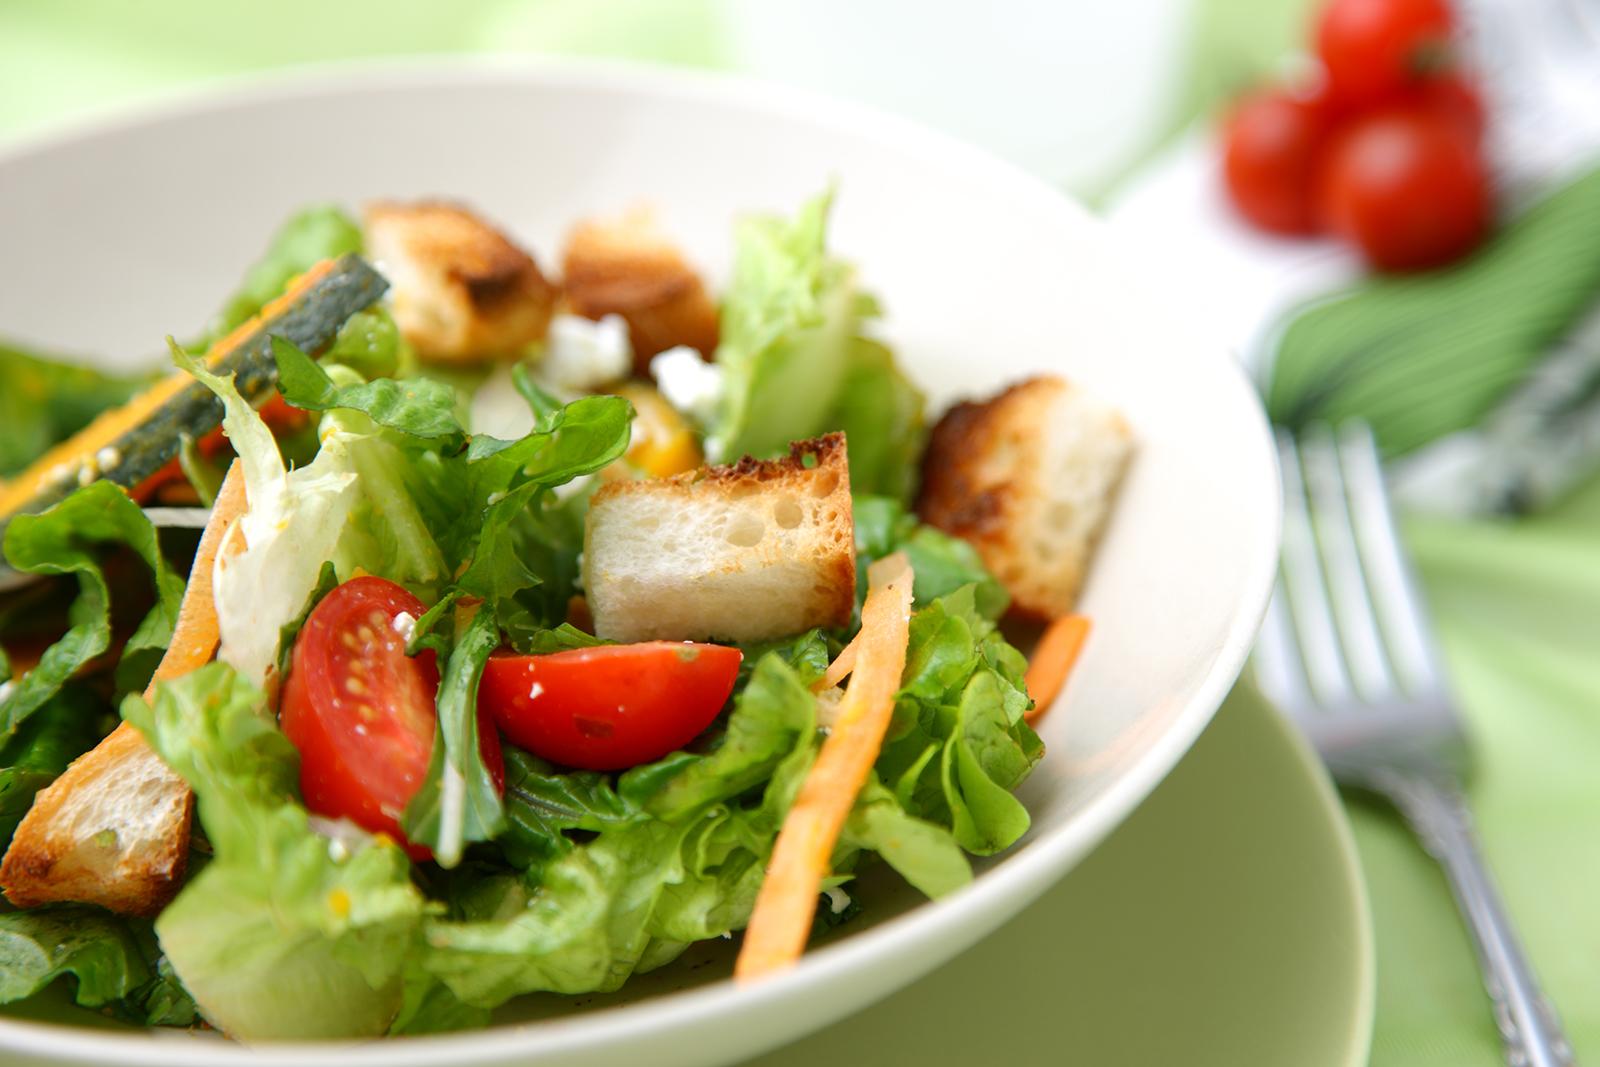 2ヶ月間で20kg痩せるためには、食生活に気をつけて摂取カロリーを抑える